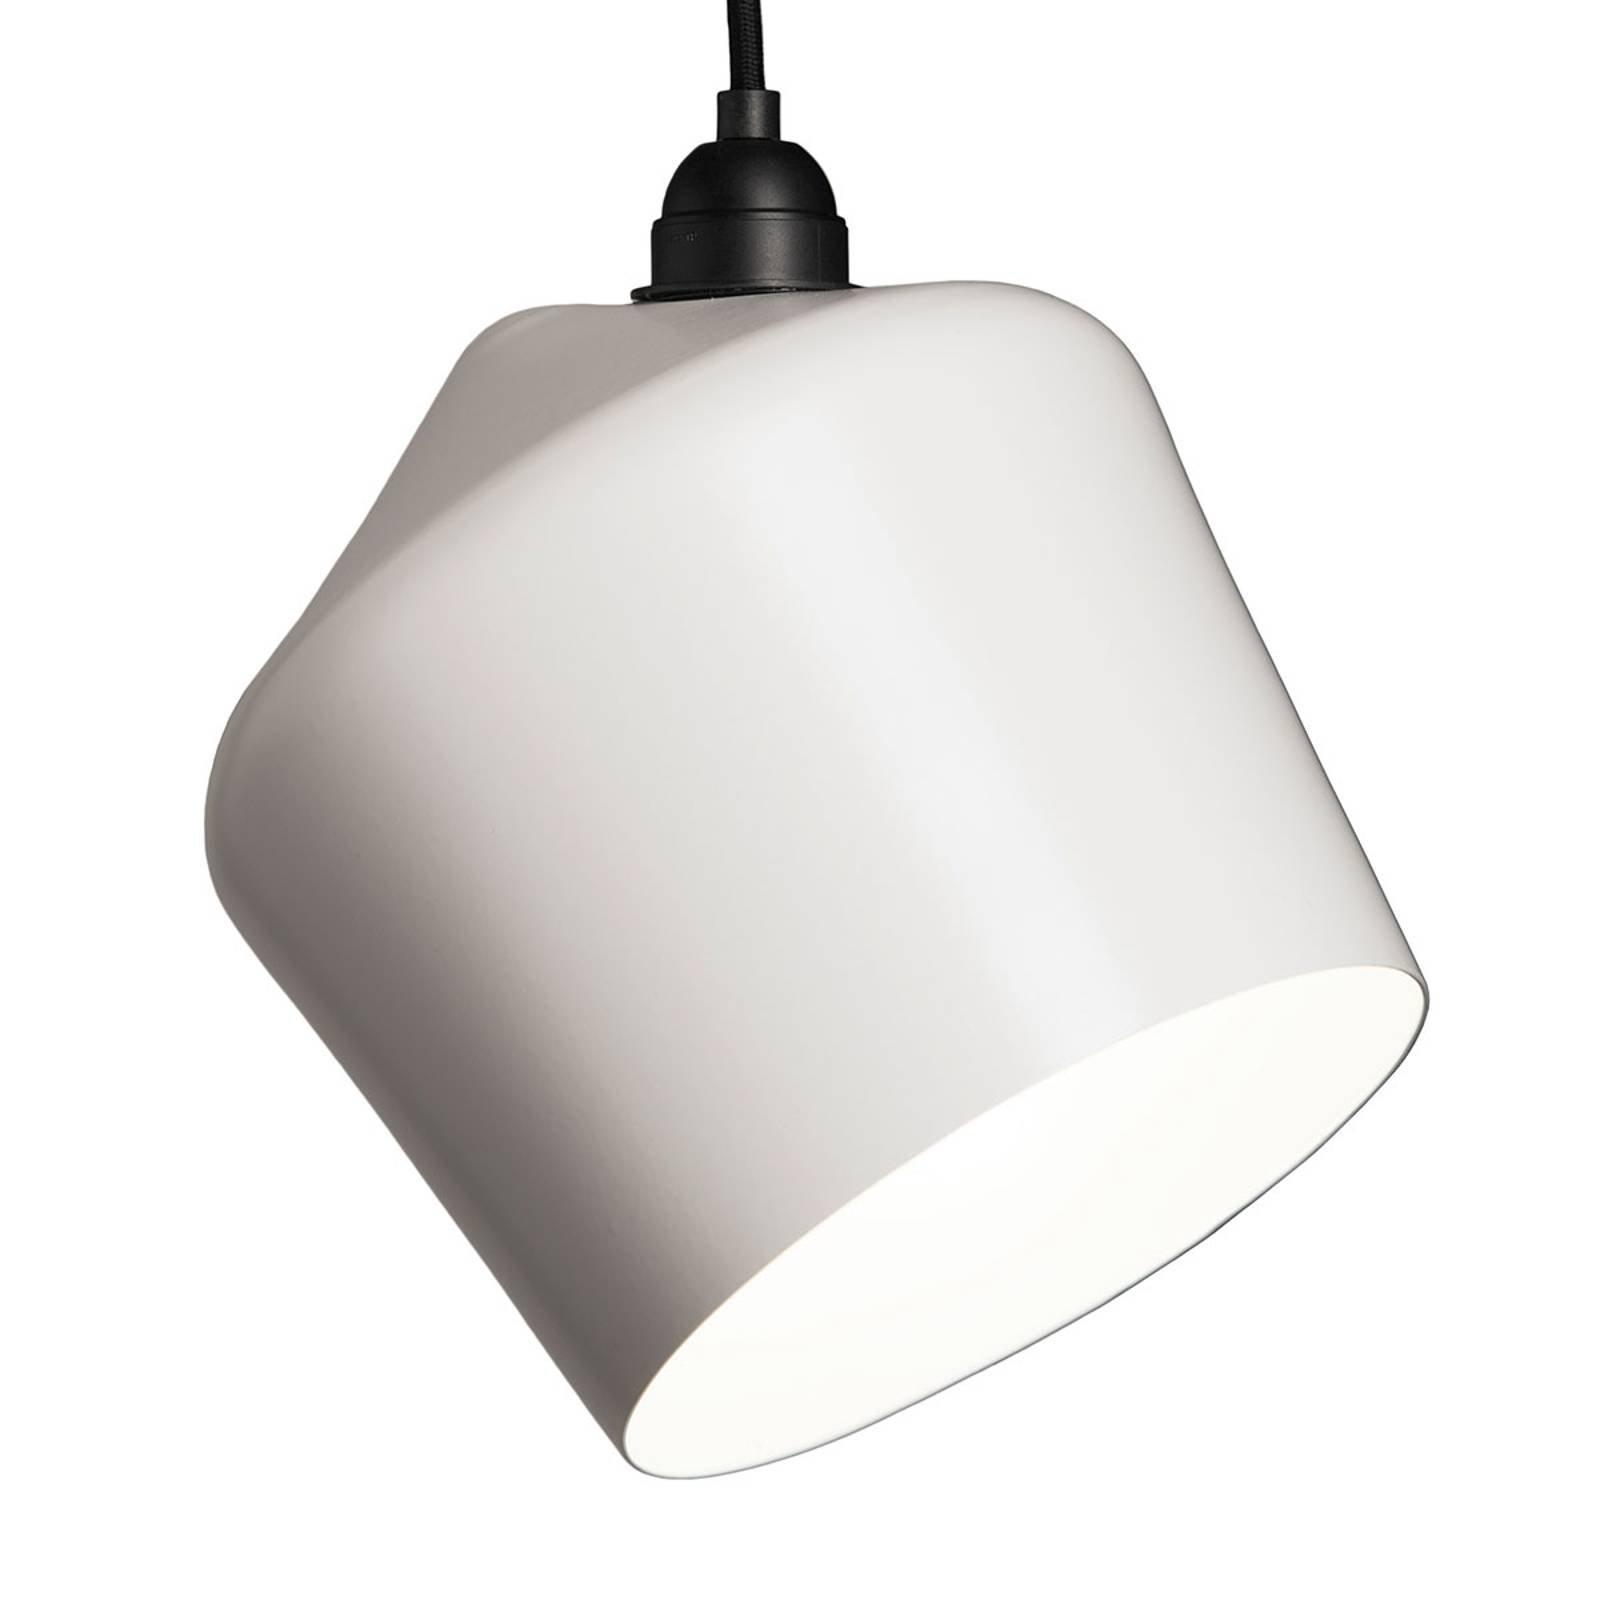 Innolux Pasila designer-pendellampe, hvit